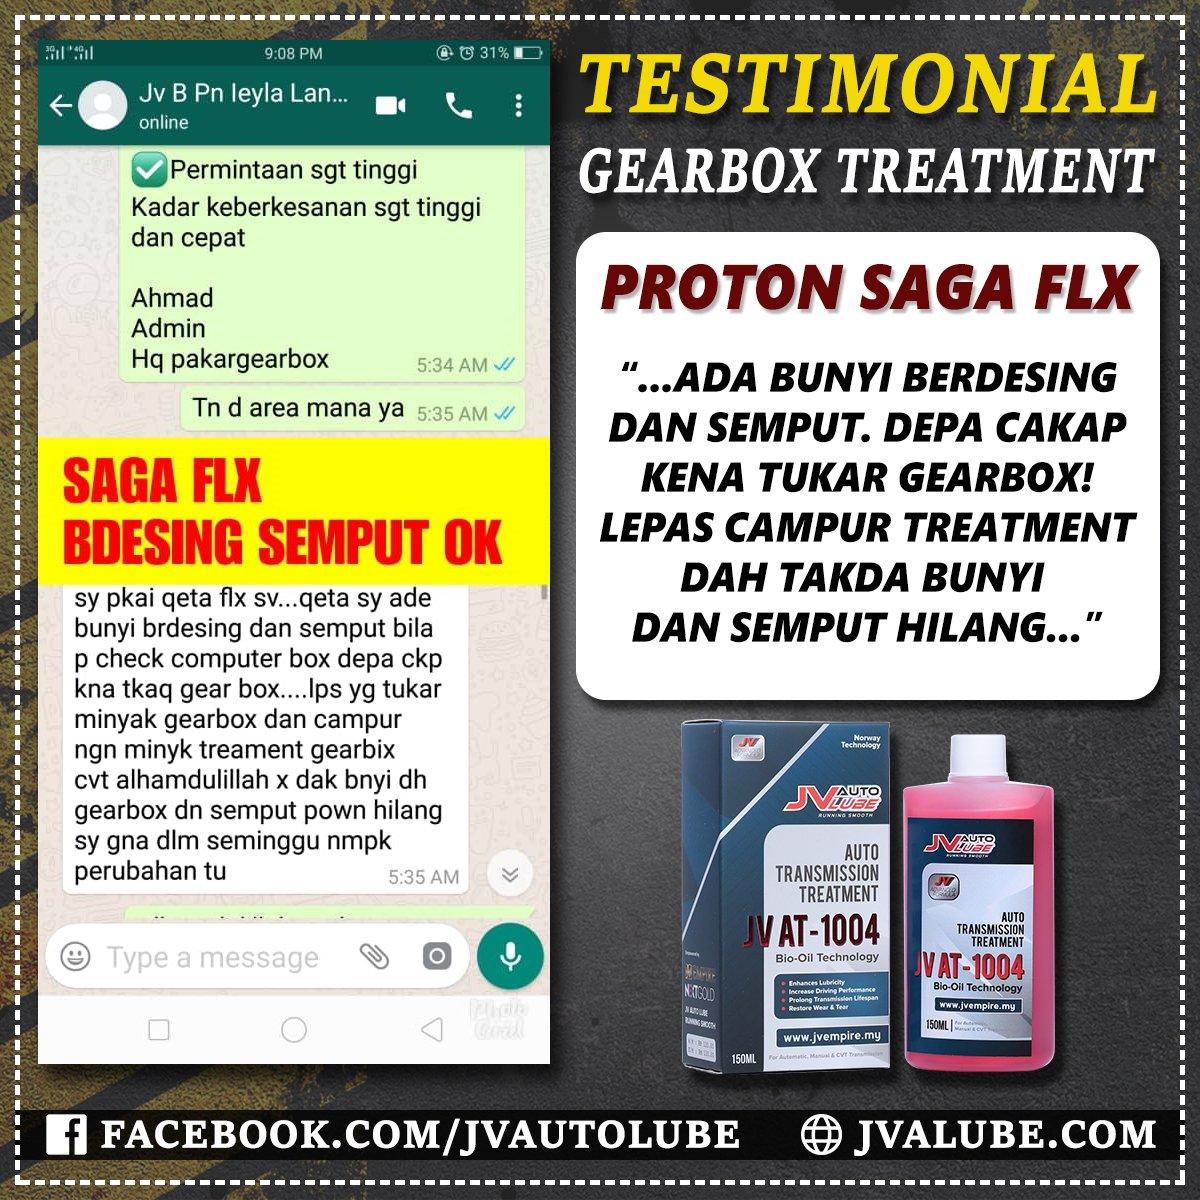 Testimoni AT 042 - Proton Saga FLX